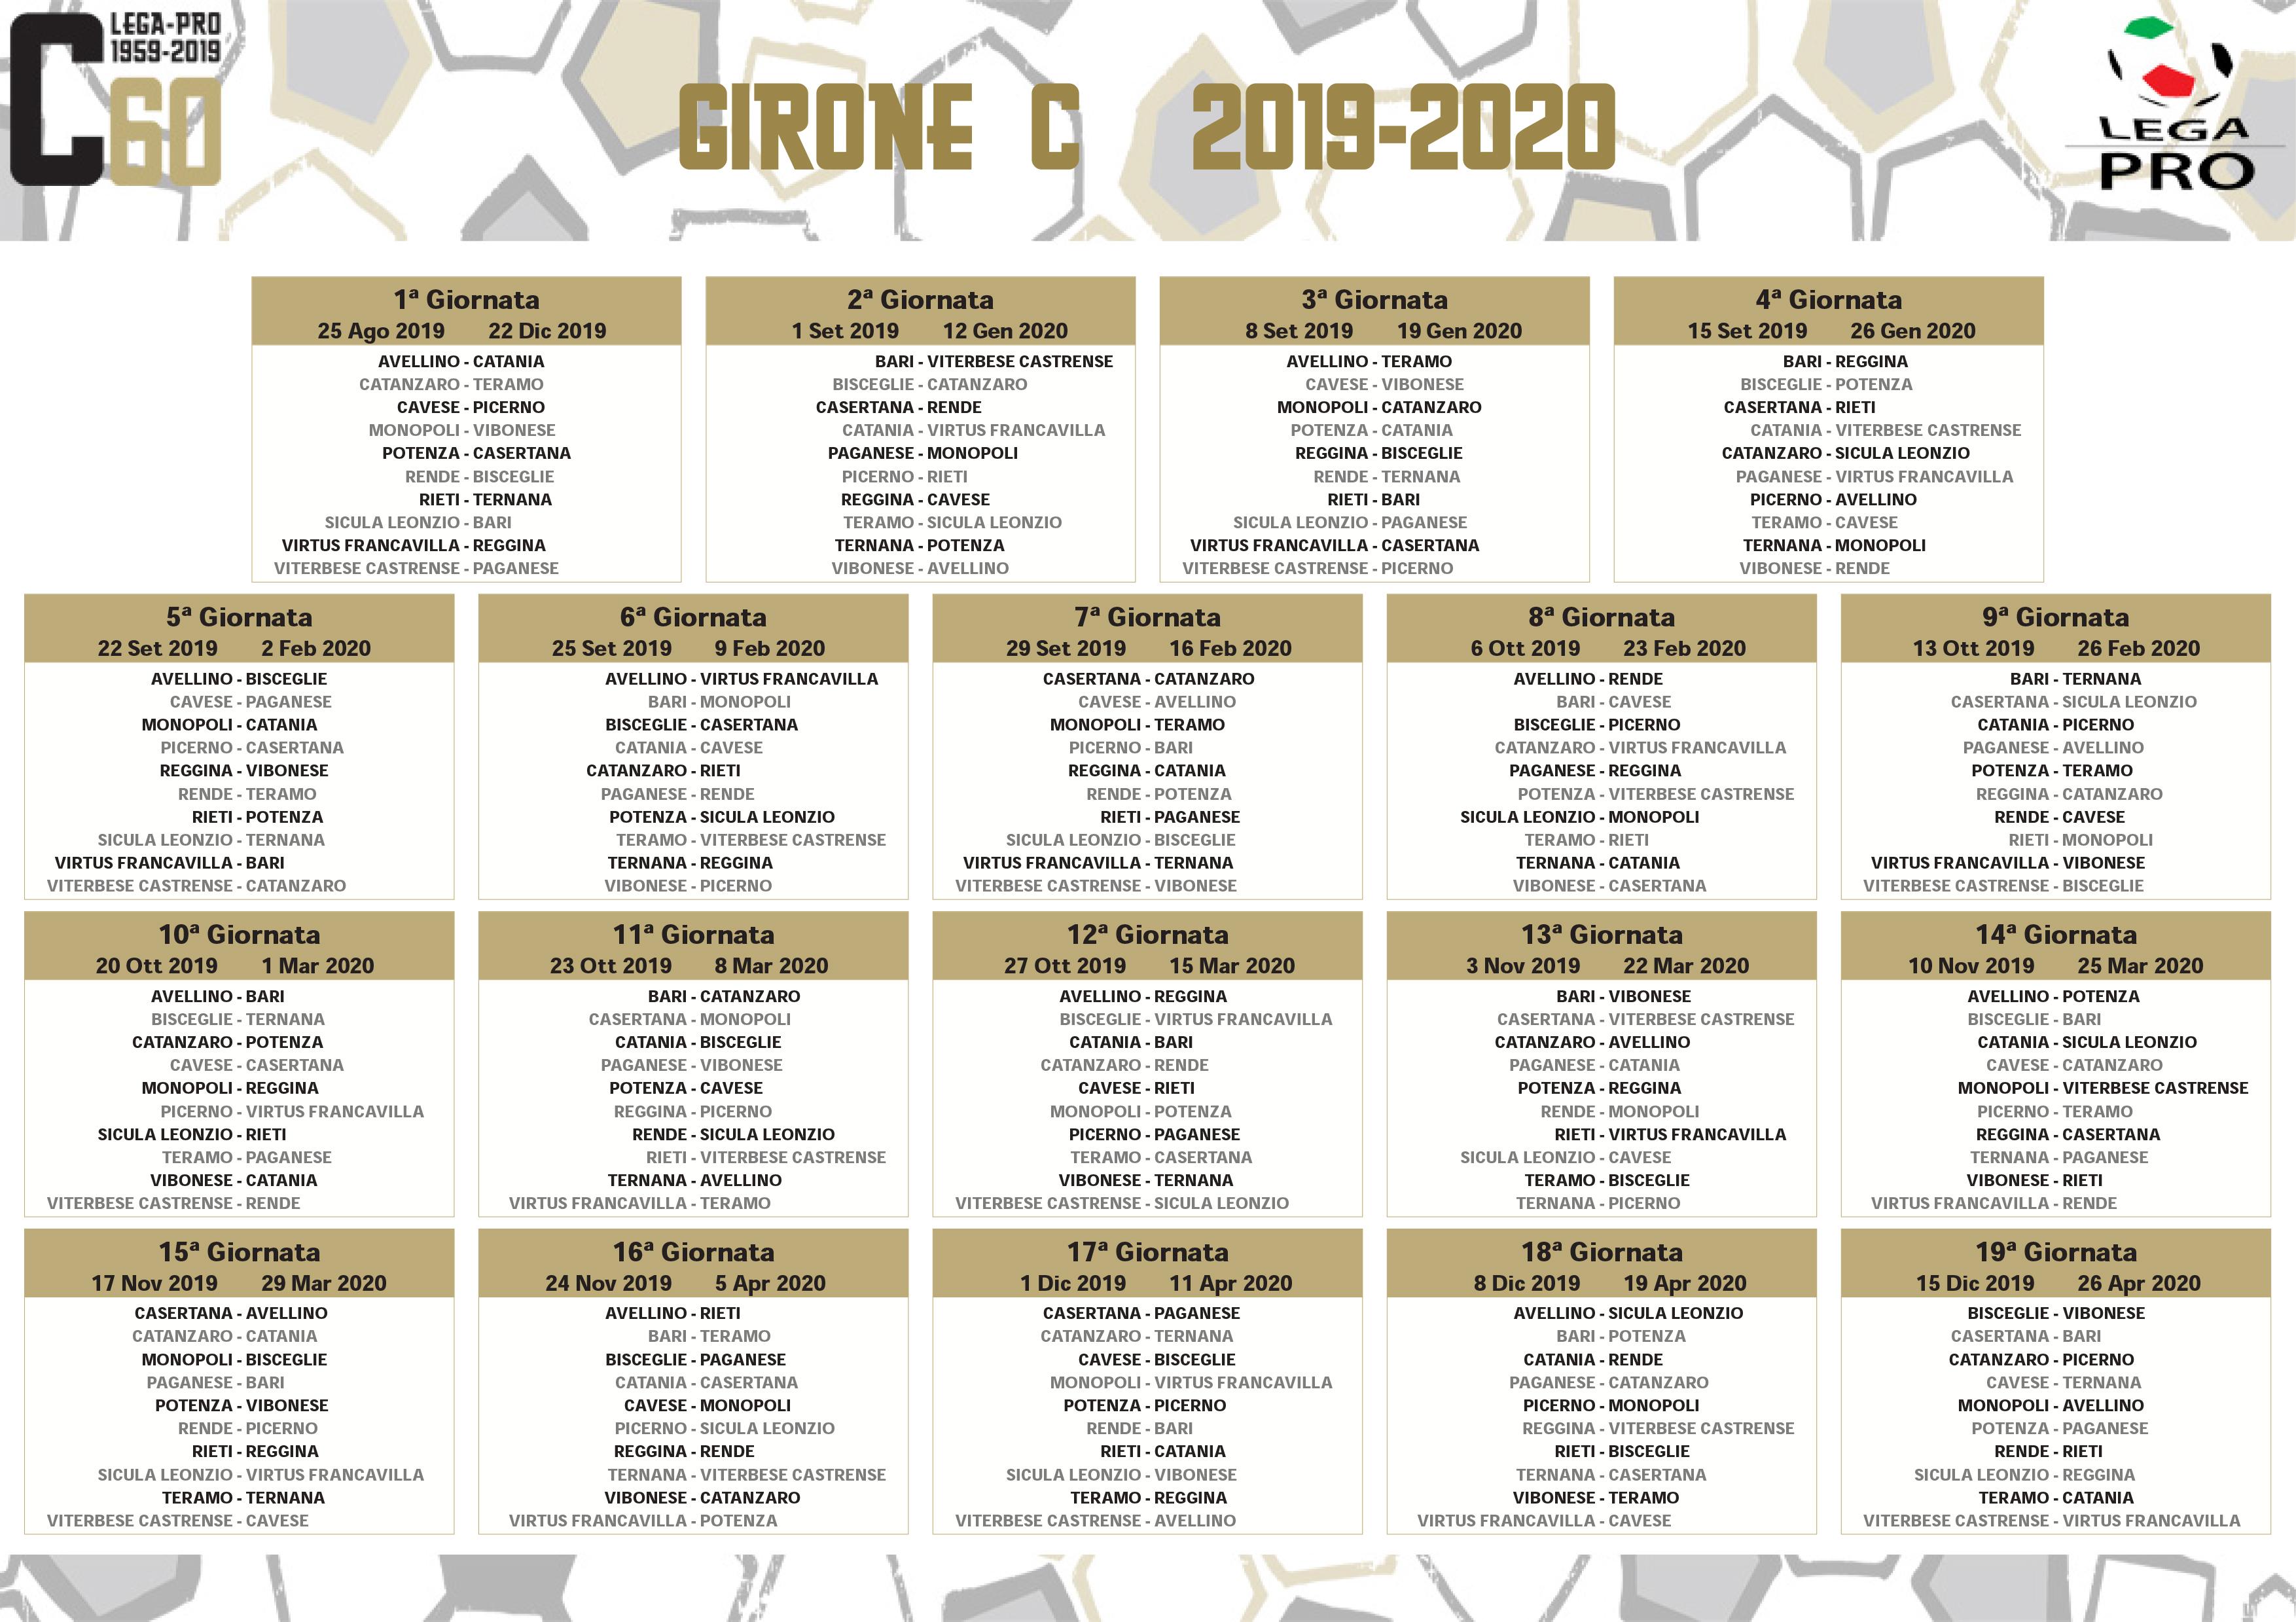 Calendario Team Teramo.Viterbese Il Calendario Completo Avvio In Salita Bari